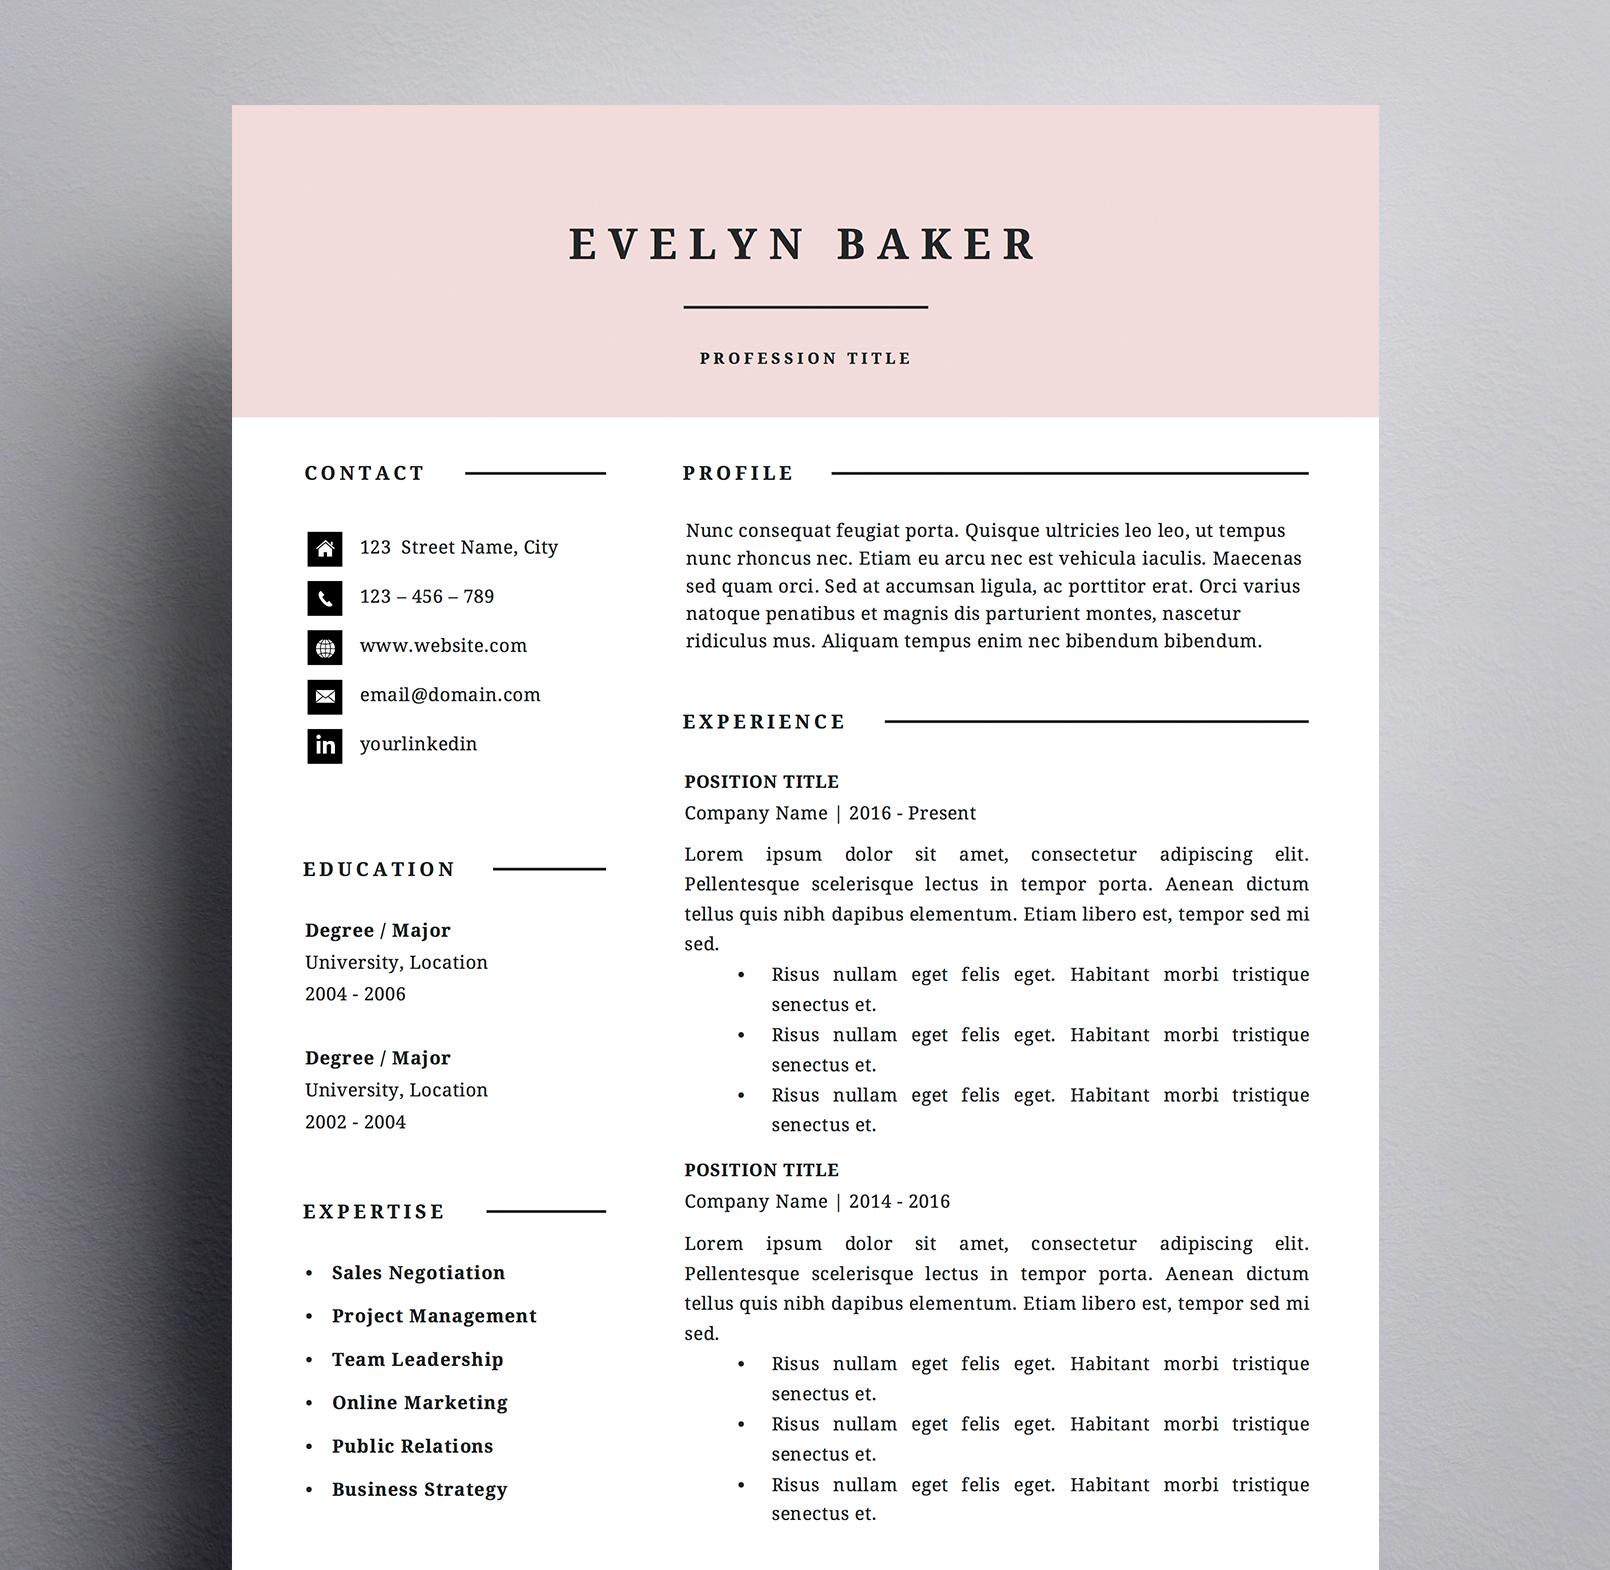 evelyn baker resume   kukook